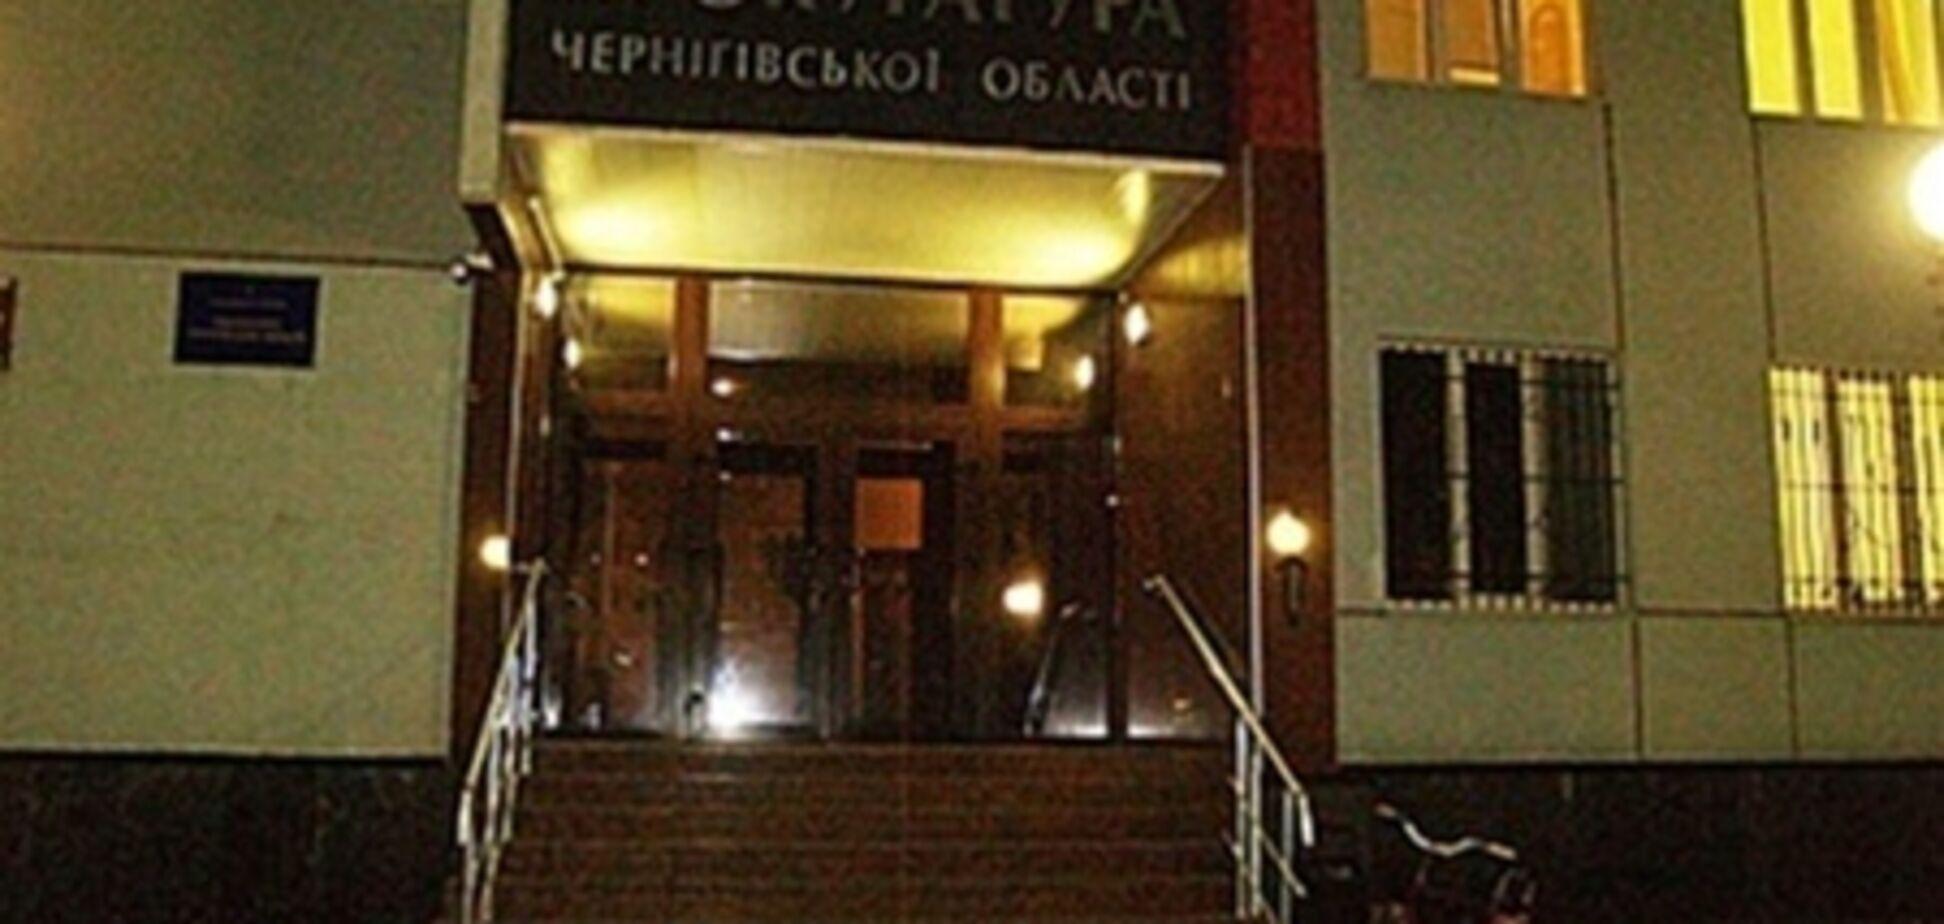 Возбуждено дело по гибели матери 'черниговского убийцы'